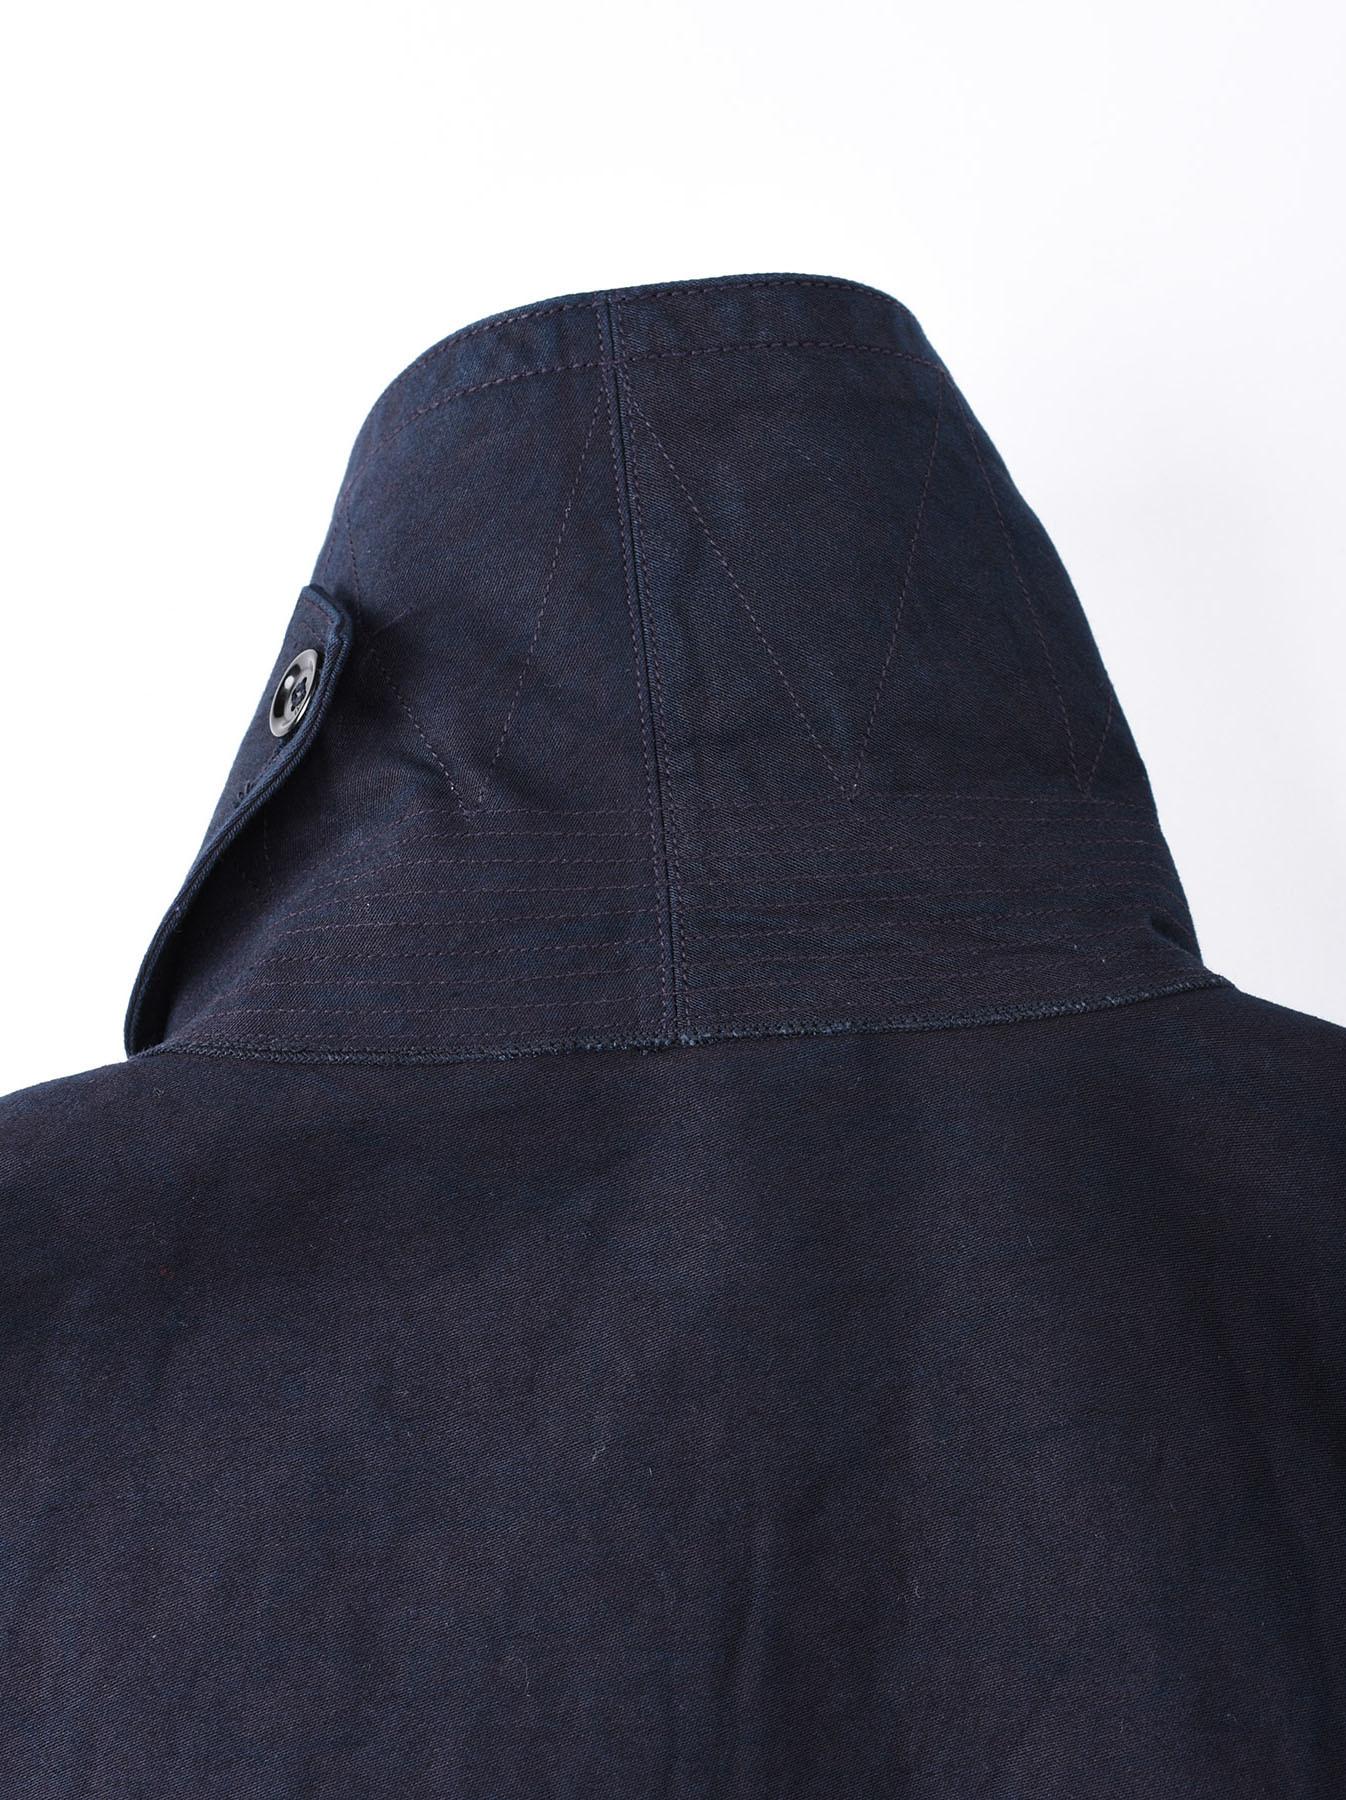 WH Ai-Nando Okome Sateen Hayama Coat-9